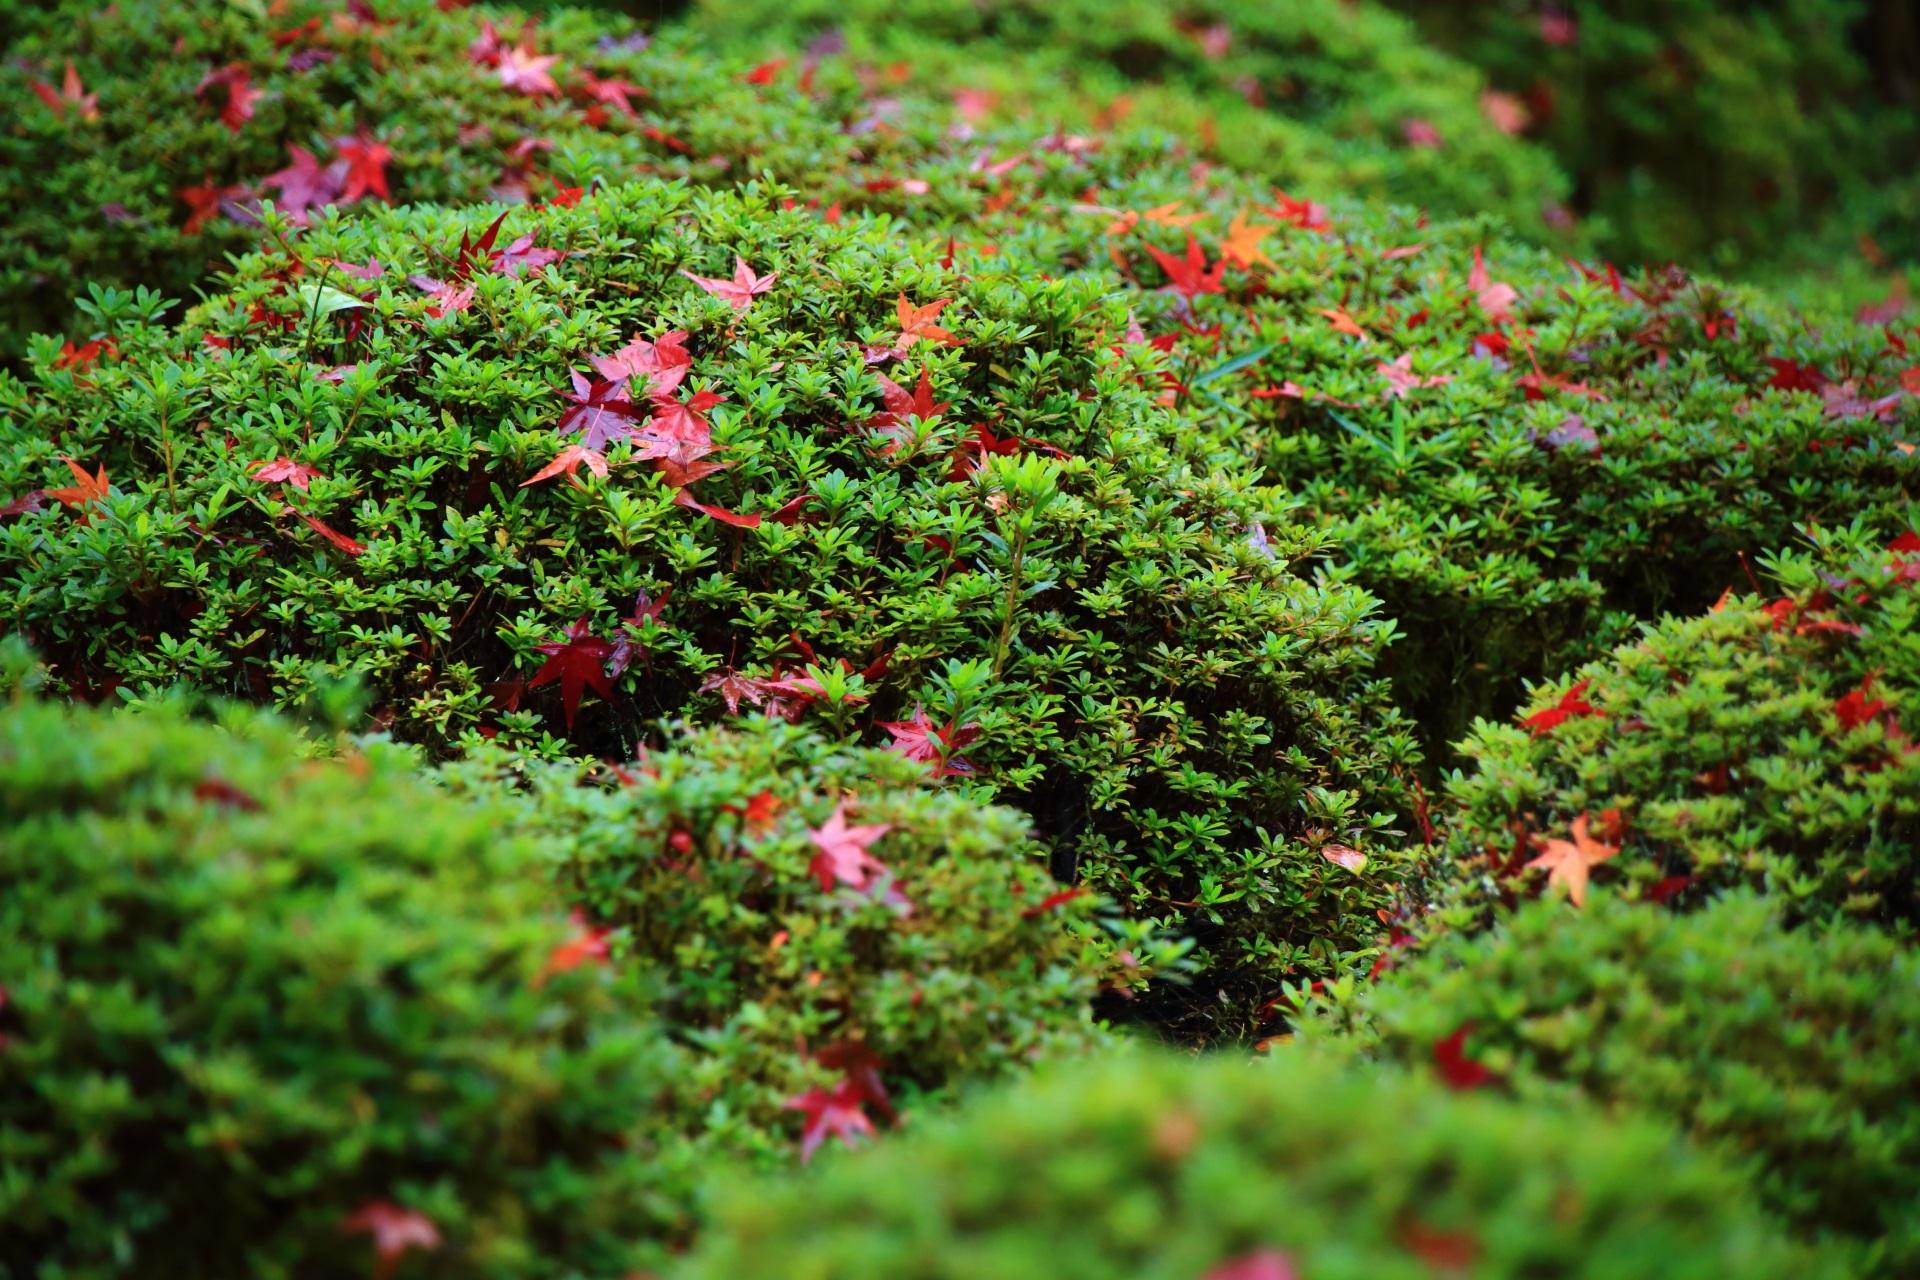 サツキを上品に華やぐ散り紅葉